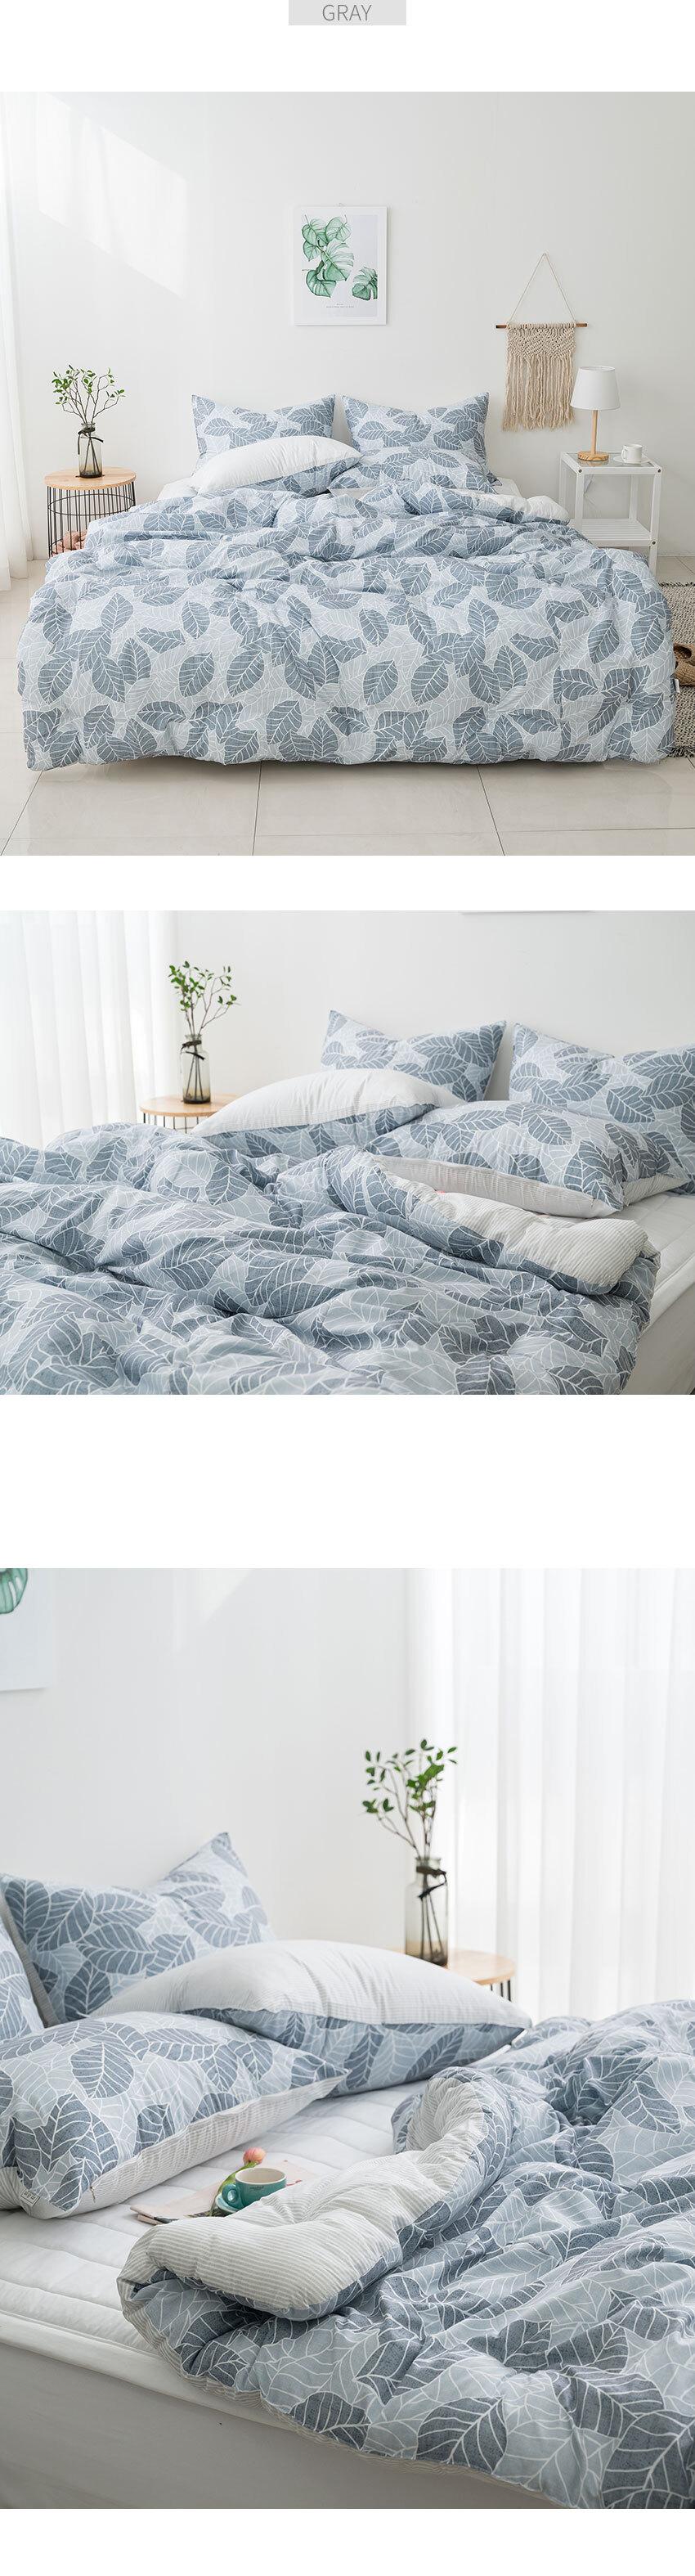 unique_bed_gray.jpg